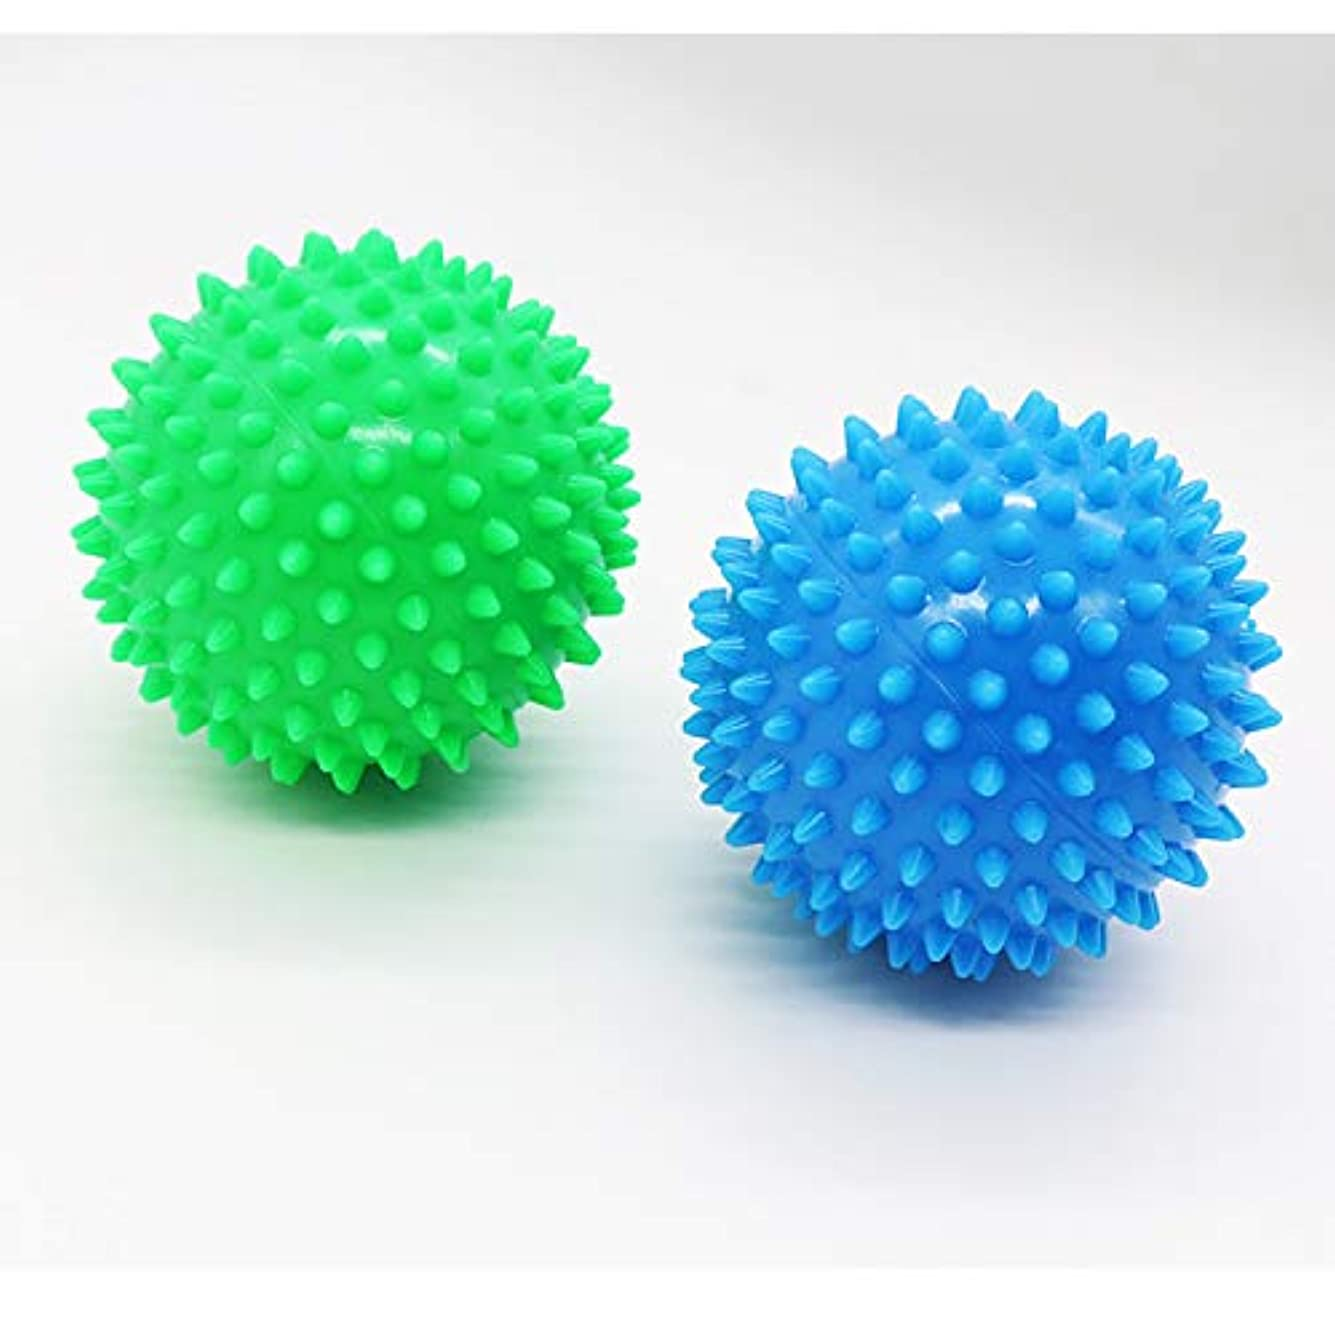 擬人化消す肌Dreecy マッサージボール(2個セット)触覚ボール リフレックスボール トレーニングボール  ポイントマッサージ 筋筋膜リリース 筋肉緊張和らげ 血液循環促進 9cm(青+緑)